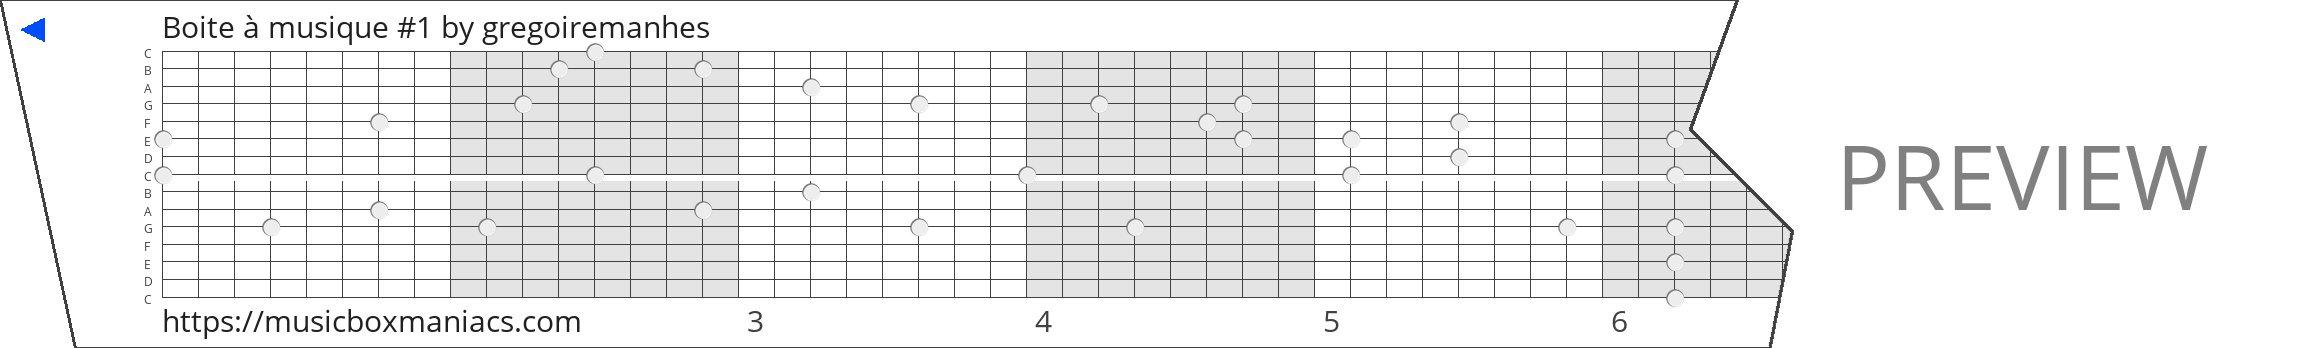 Boite à musique #1 15 note music box paper strip